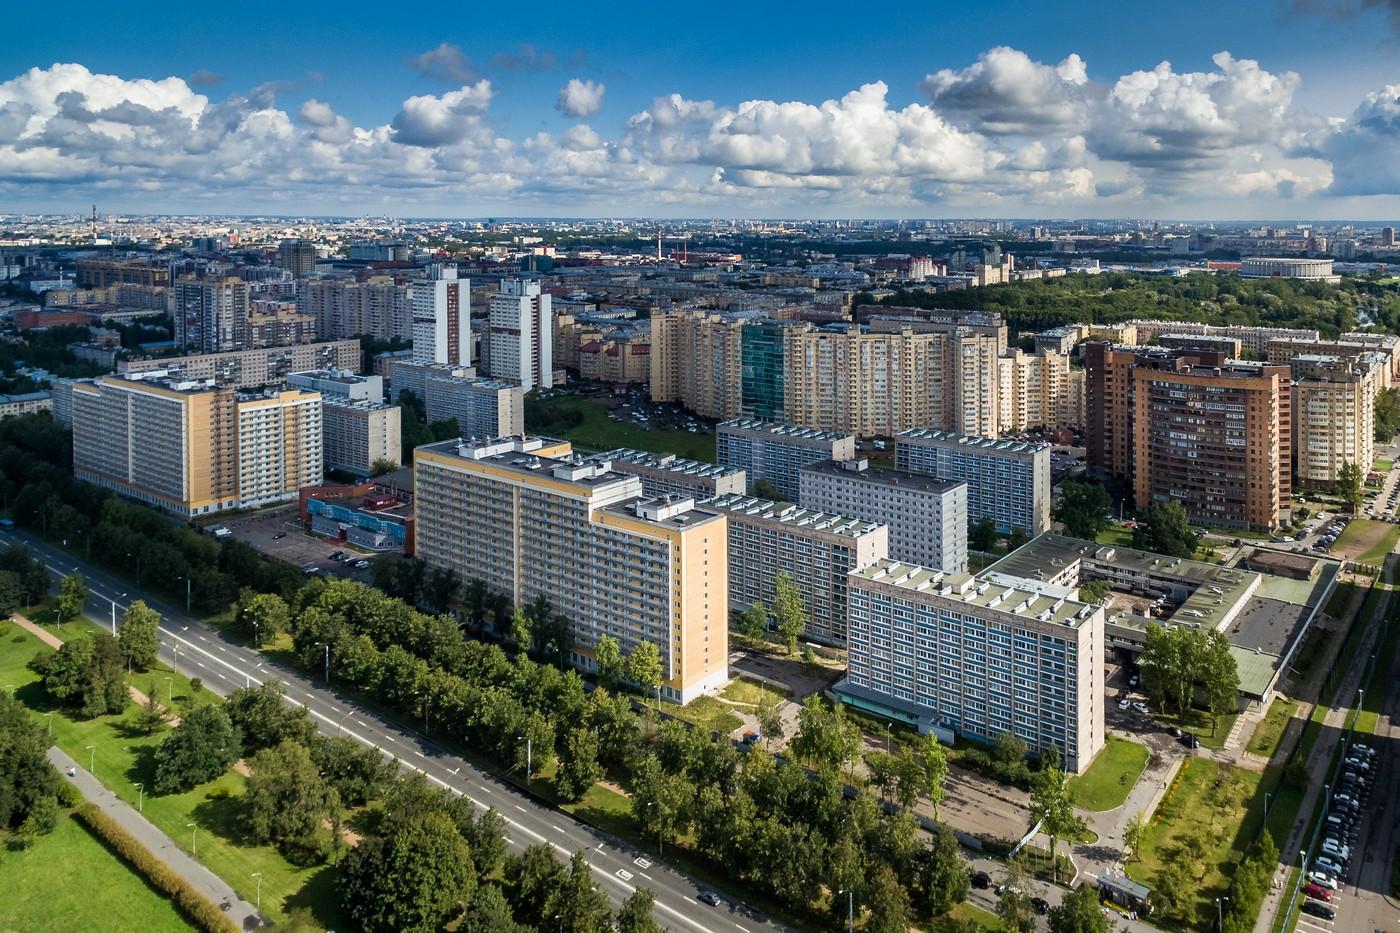 Студенческий городок в санкт петербурге фото